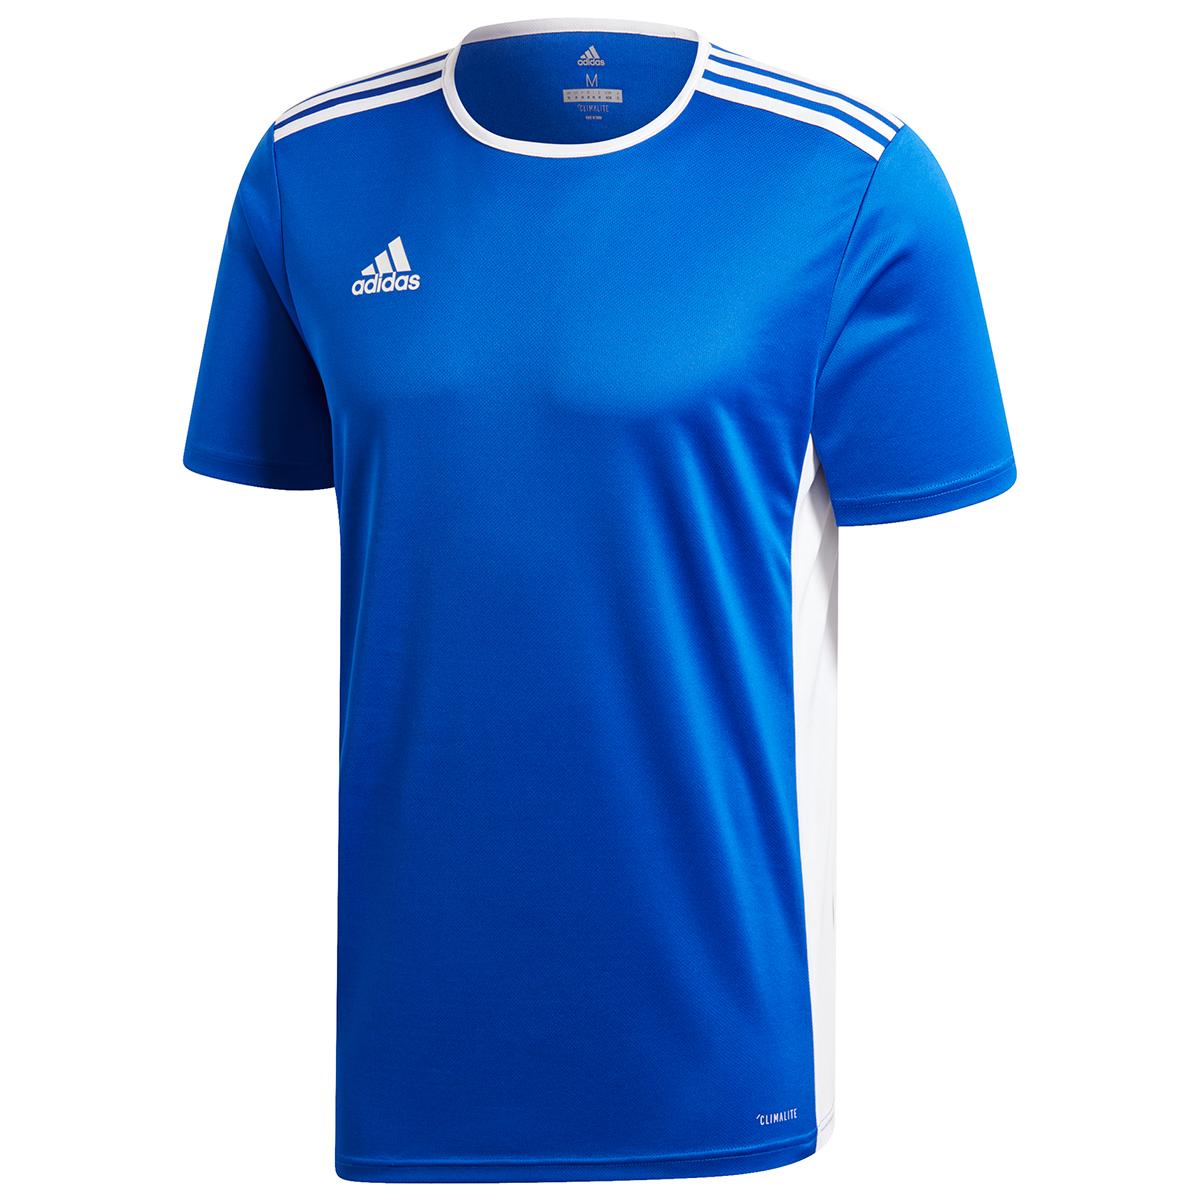 Adidas Men's Entrada 18 Soccer Jersey - Blue, XL